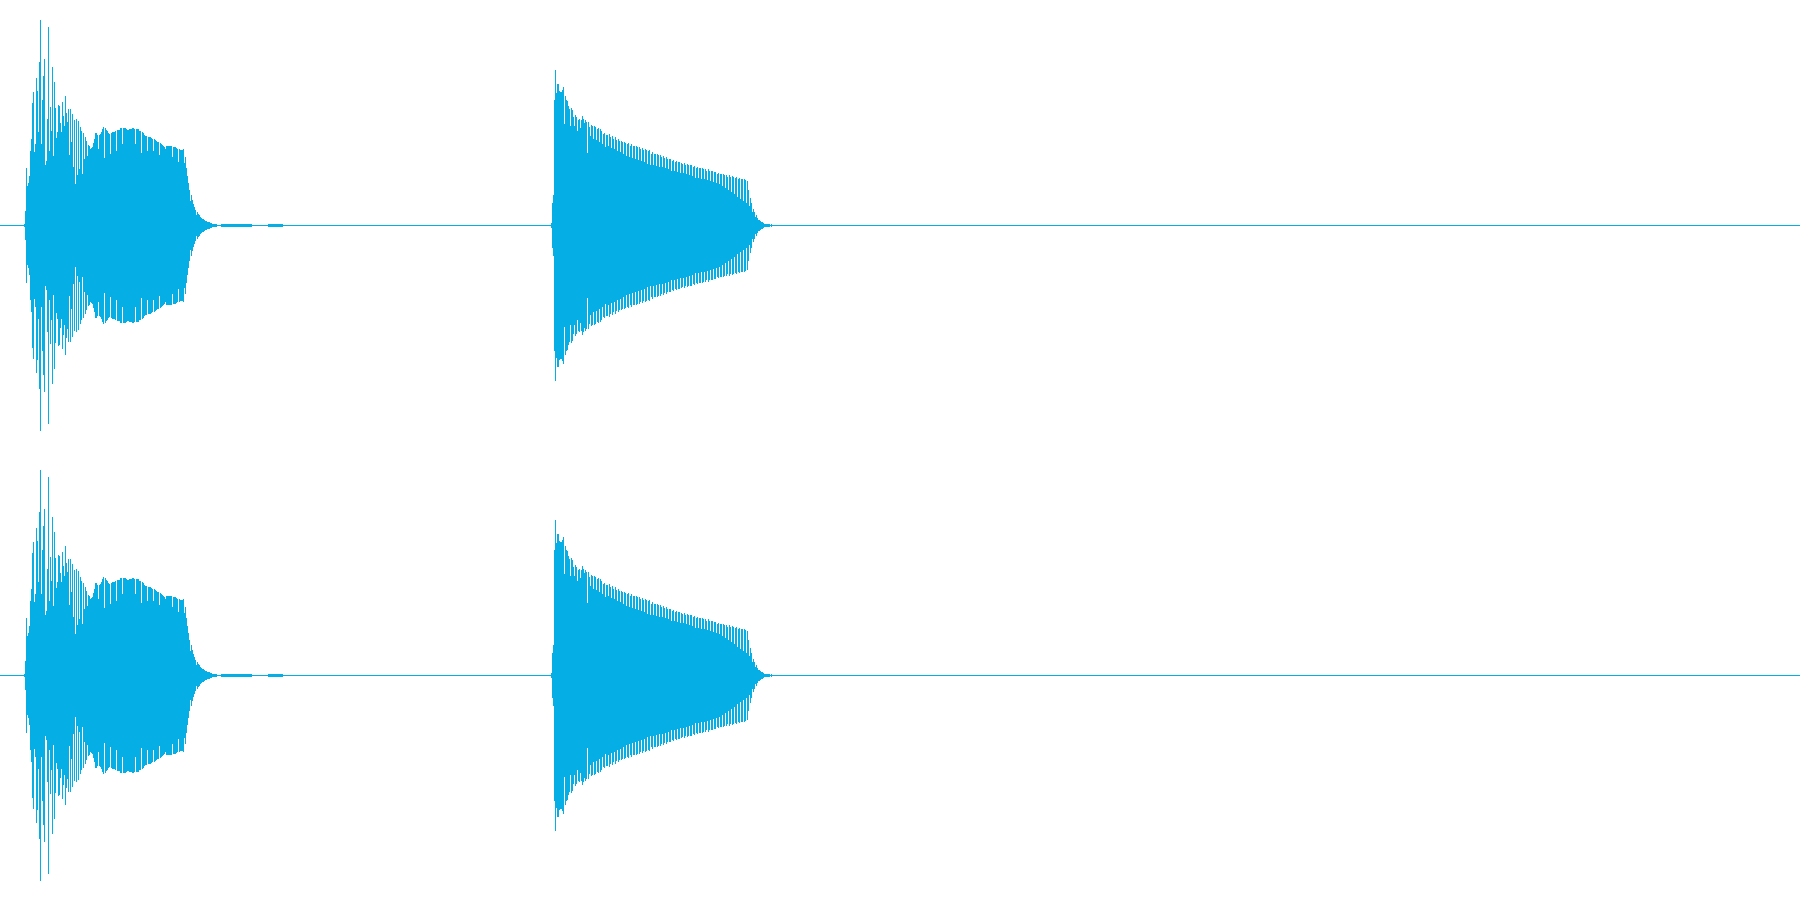 KANT アプリサウンド210148の再生済みの波形